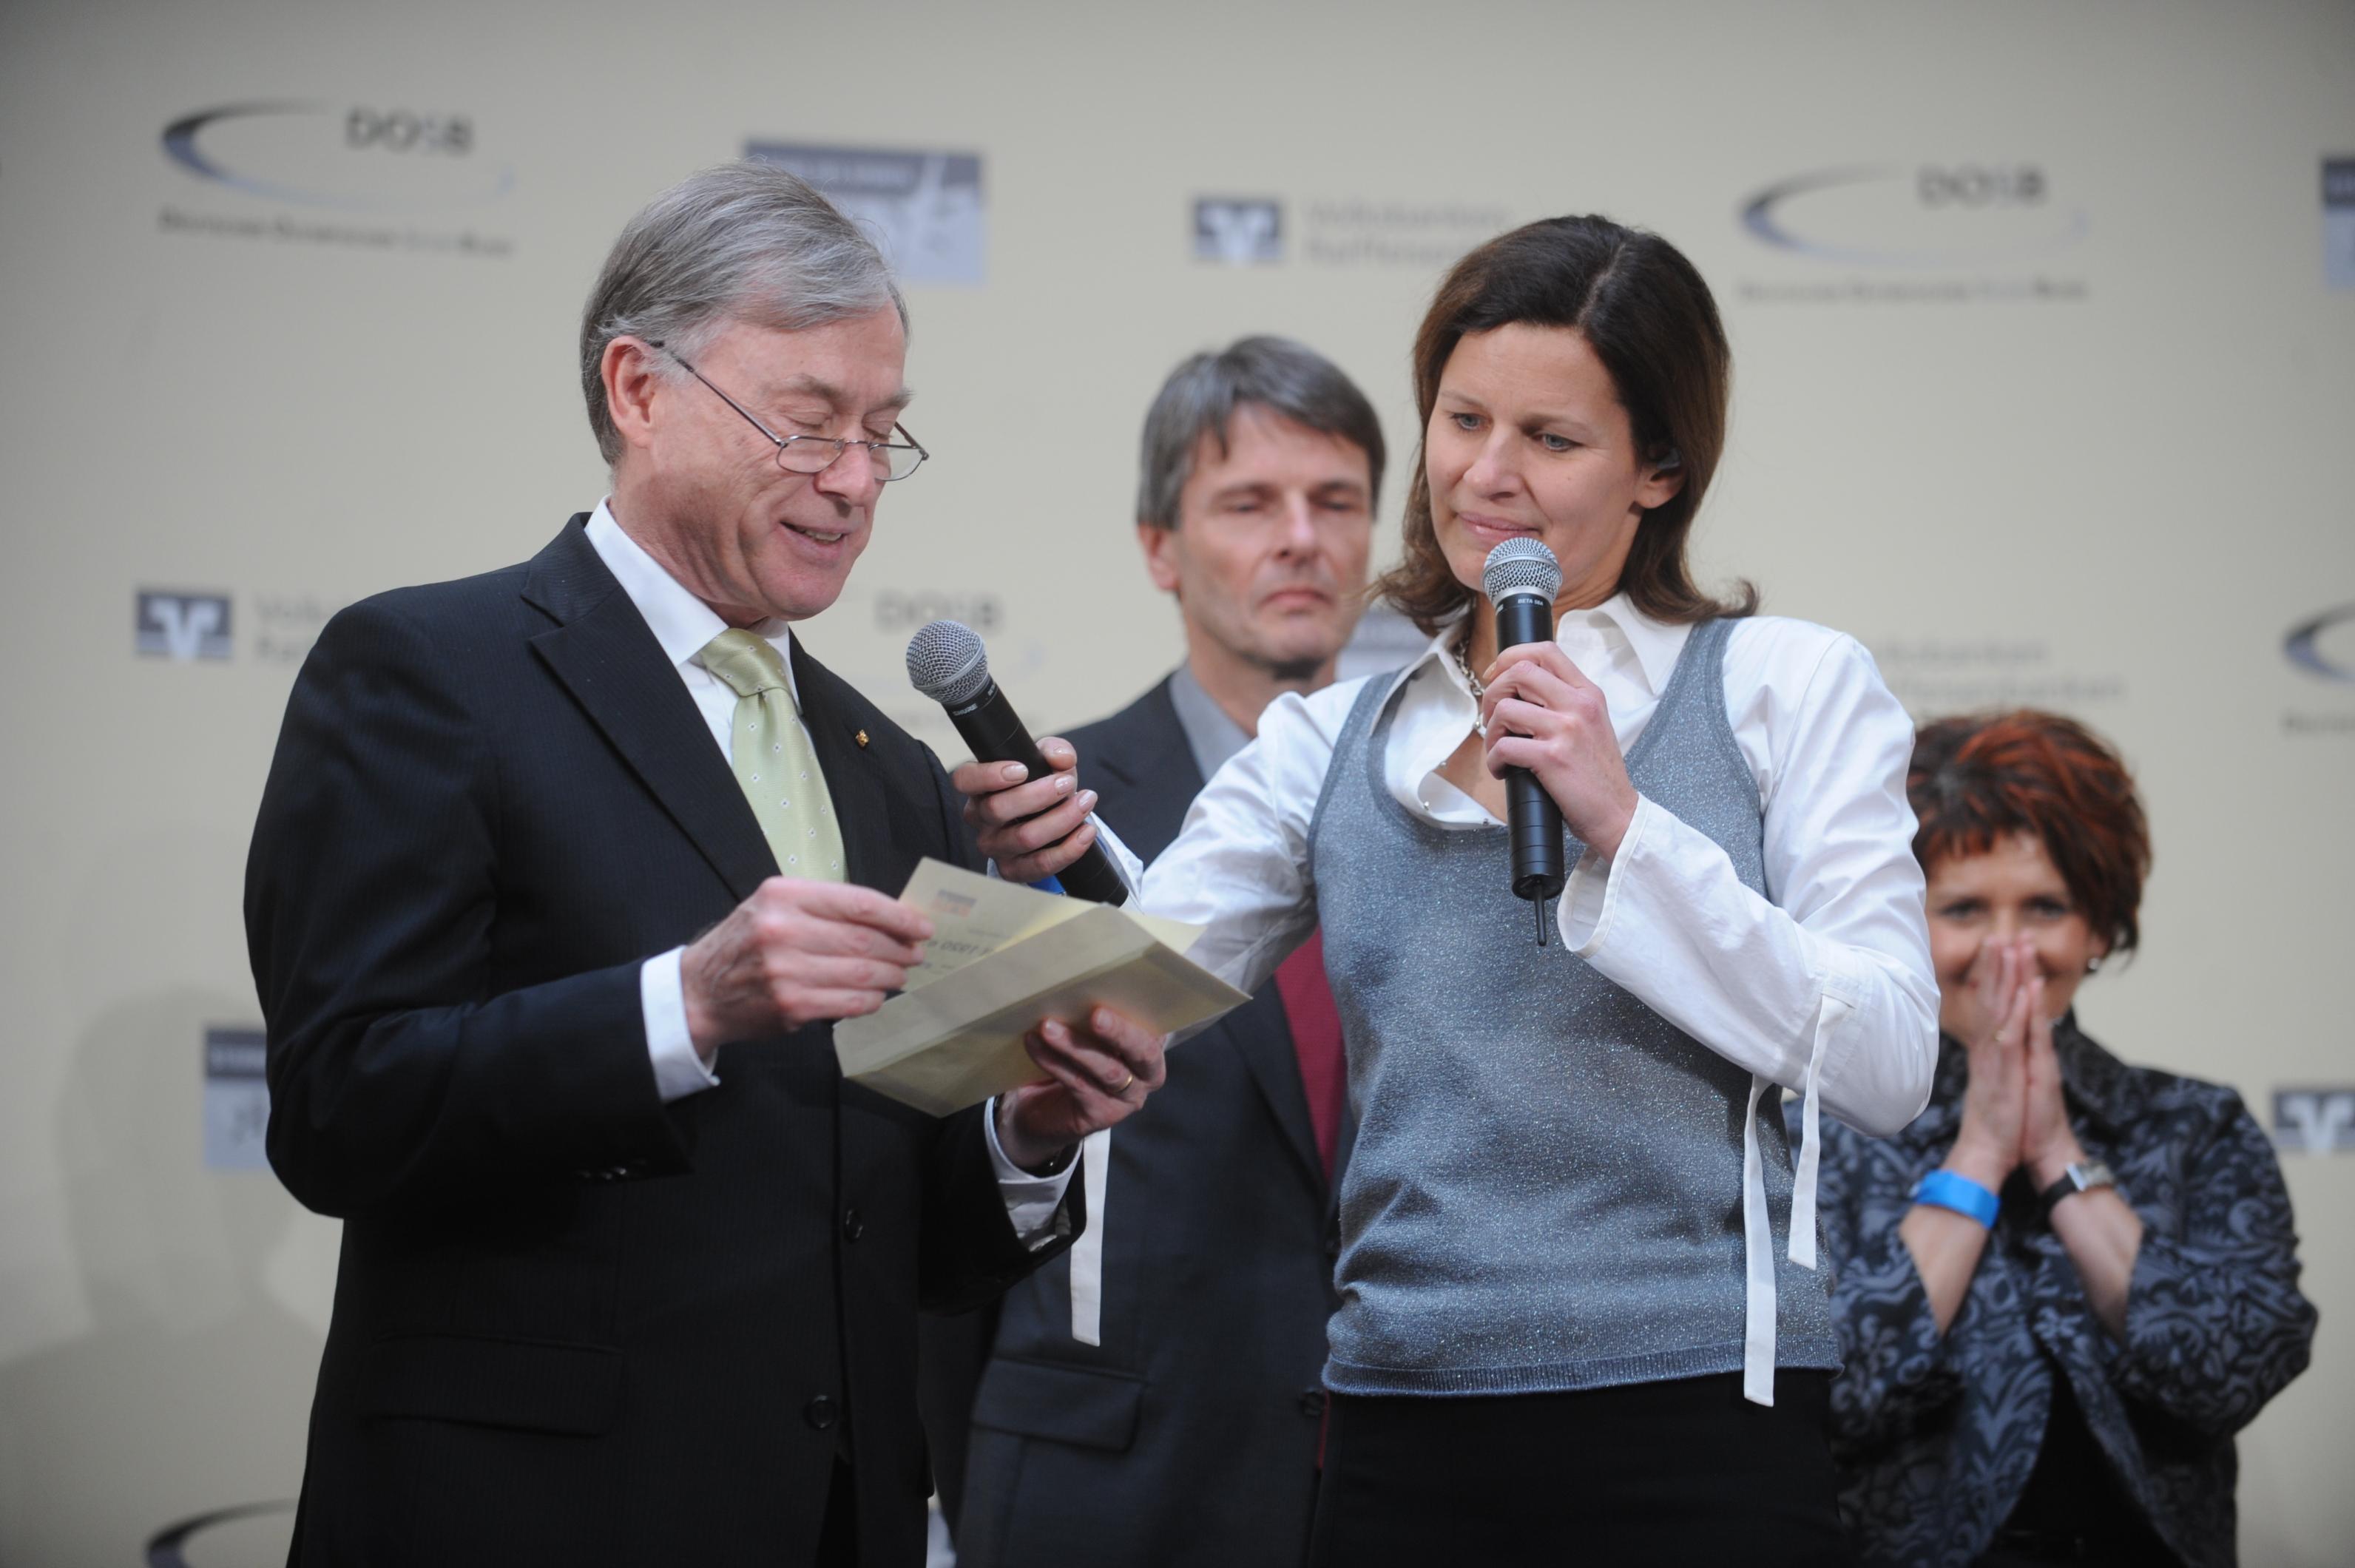 Bundespräsident Horst Köhler und DOSB-Präsident Thomas Bach mit dem Vertreter der VR Bank Saaepfalz und der 1. Vorsitzenden des TV Altstadt Stephanie Deutscher.